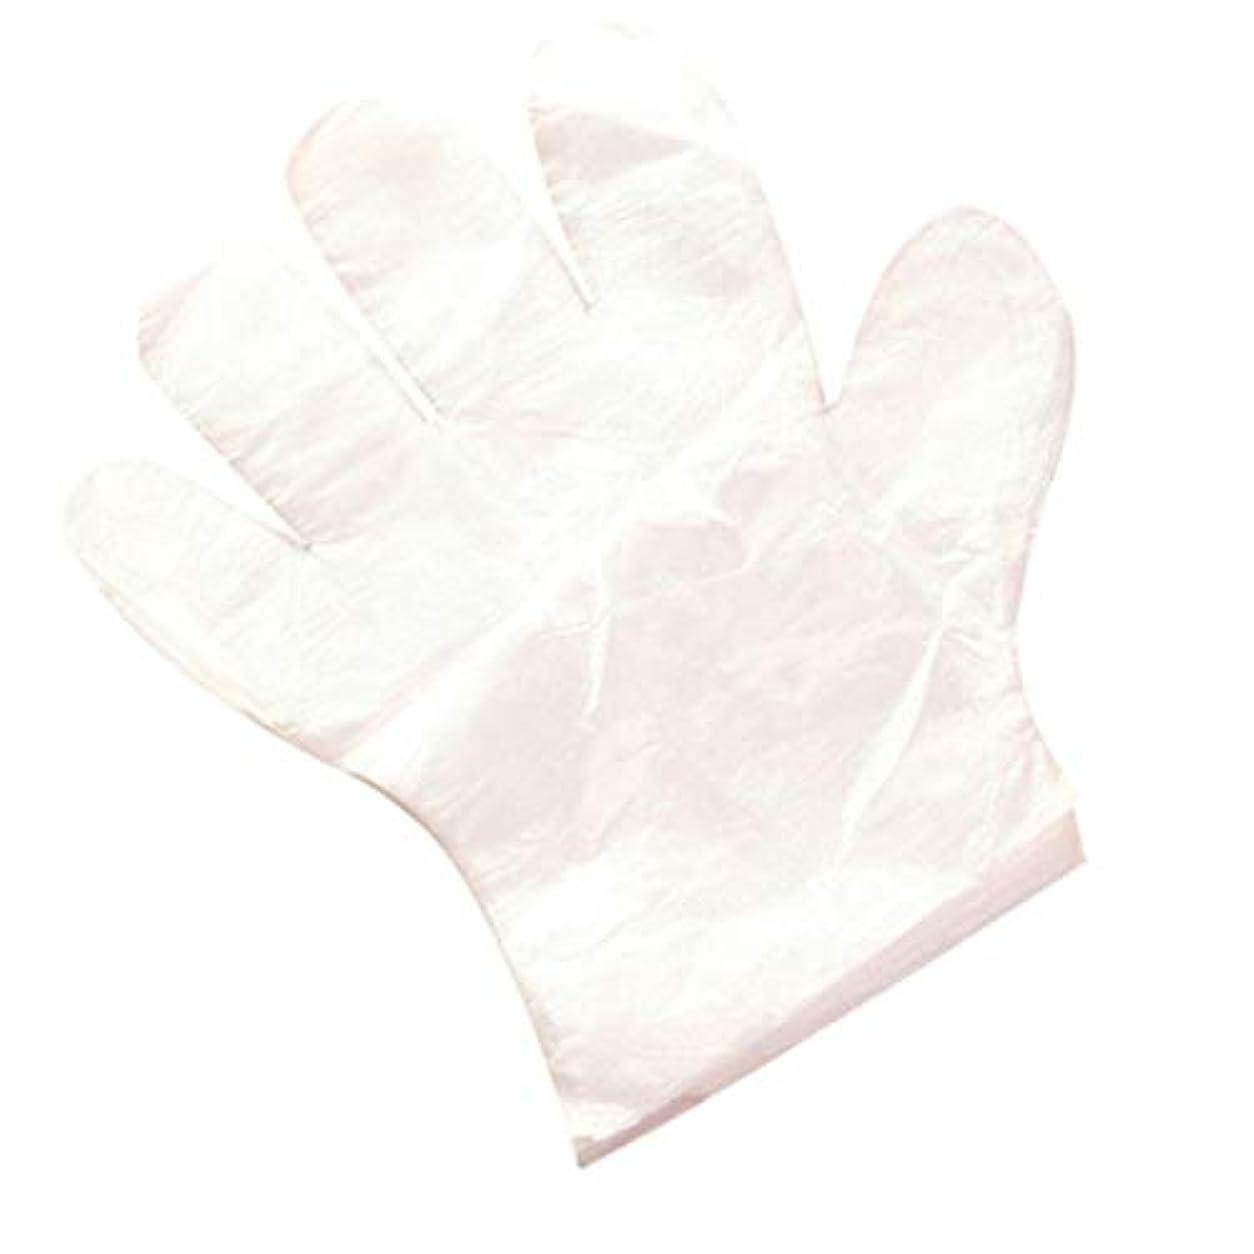 発生器変位くつろぐ家庭用家庭の清掃および衛生用使い捨て手袋を食べる使い捨て手袋 (UnitCount : 500only)